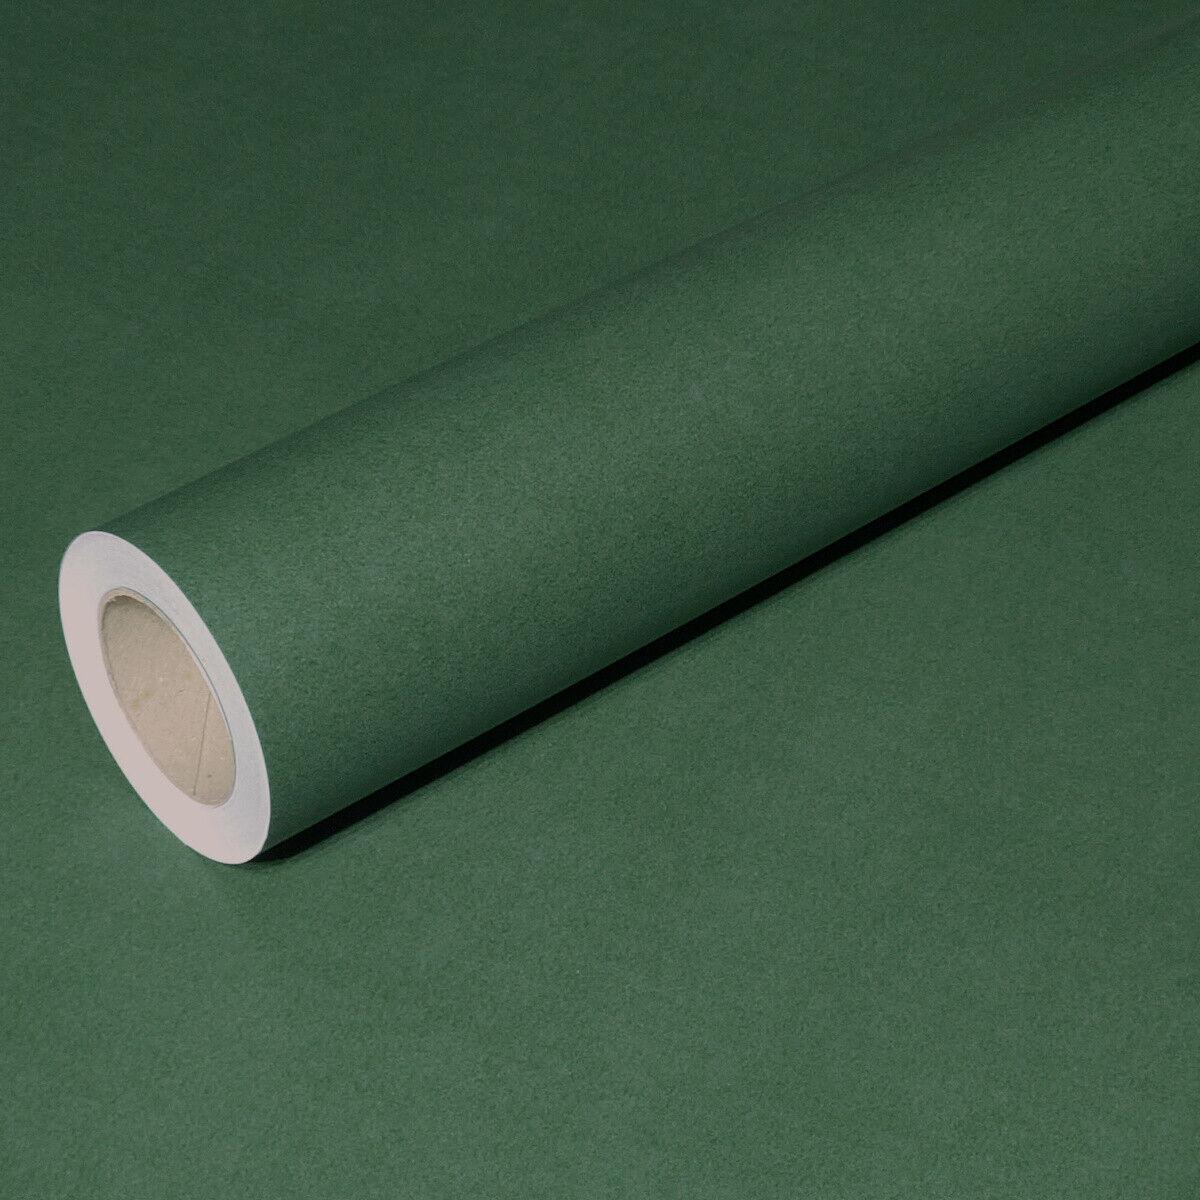 0,47 /m² 50m x 1,00m verde oscuro junopax regalo de papel resistente a la intemperie mojado papel fijo